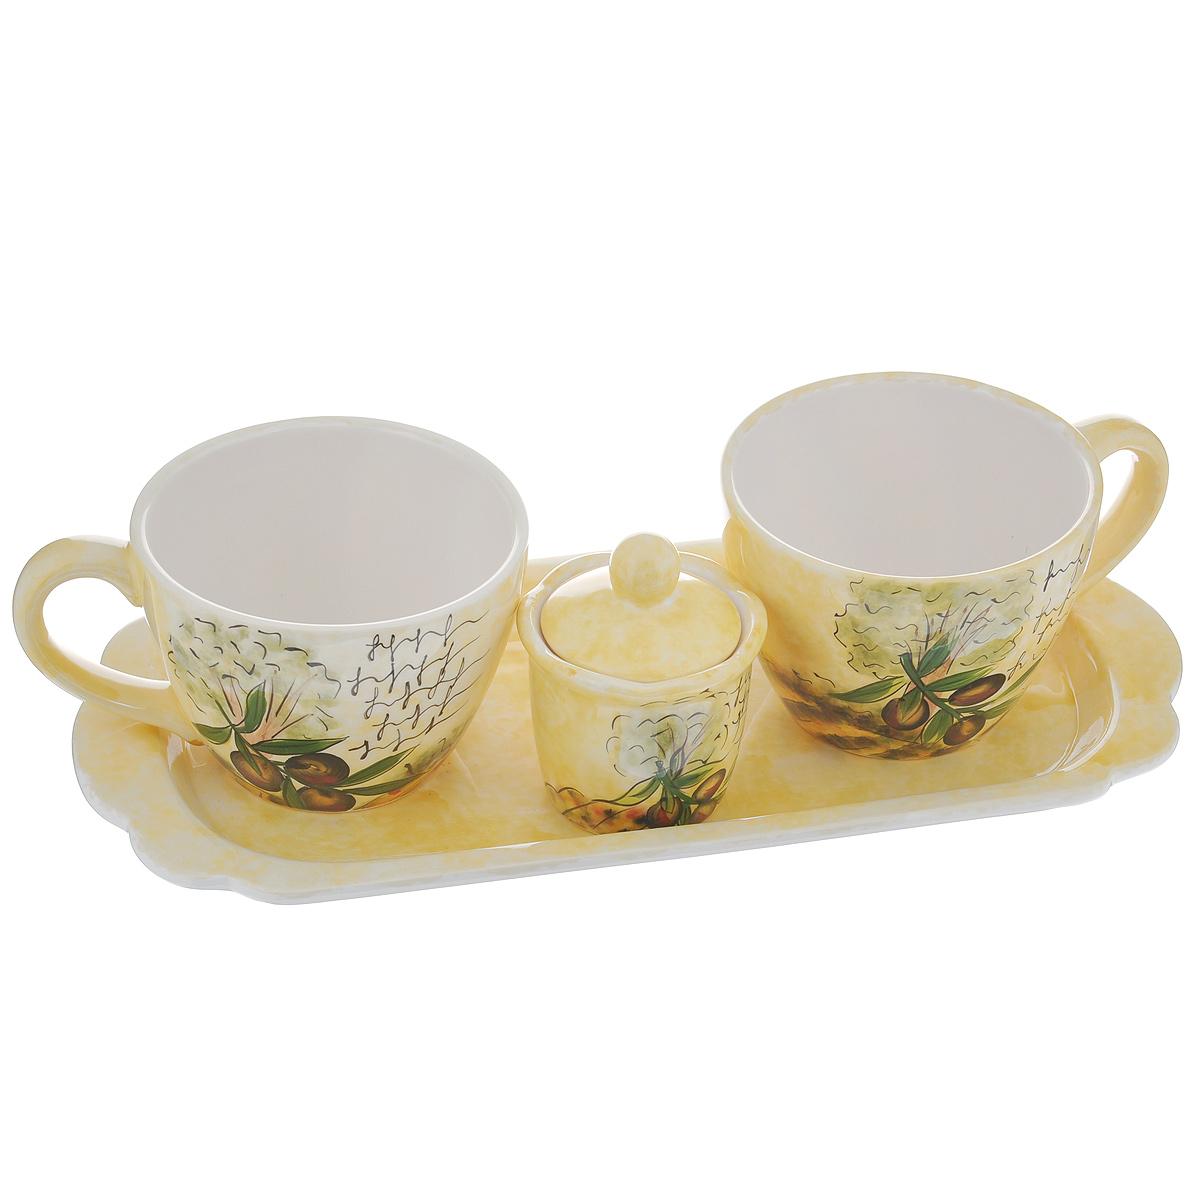 Набор чайный Маслины, 4 предметаDFC02063-02208 4/SНабор чайный Маслины состоит из двух чашек, сахарницы и подставки. Набор выполнен из доломитовой керамики и декорирован изображением маслин. Оригинальный дизайн, эстетичность и функциональность набора позволят ему стать достойным дополнением к кухонному инвентарю.Можно мыть в посудомоечной машине на минимальной температуре.Объем чашки: 480 мл.Диаметр чашки (по верхнему краю): 10,5 см.Высота чашки: 8 см.Размер подставки: 35 см х 16 см х 2,5 см.Объем сахарницы: 100 мл.Диаметр сахарницы (по верхнему краю): 7,5 см.Высота сахарницы (без учета крышки): 6 см.